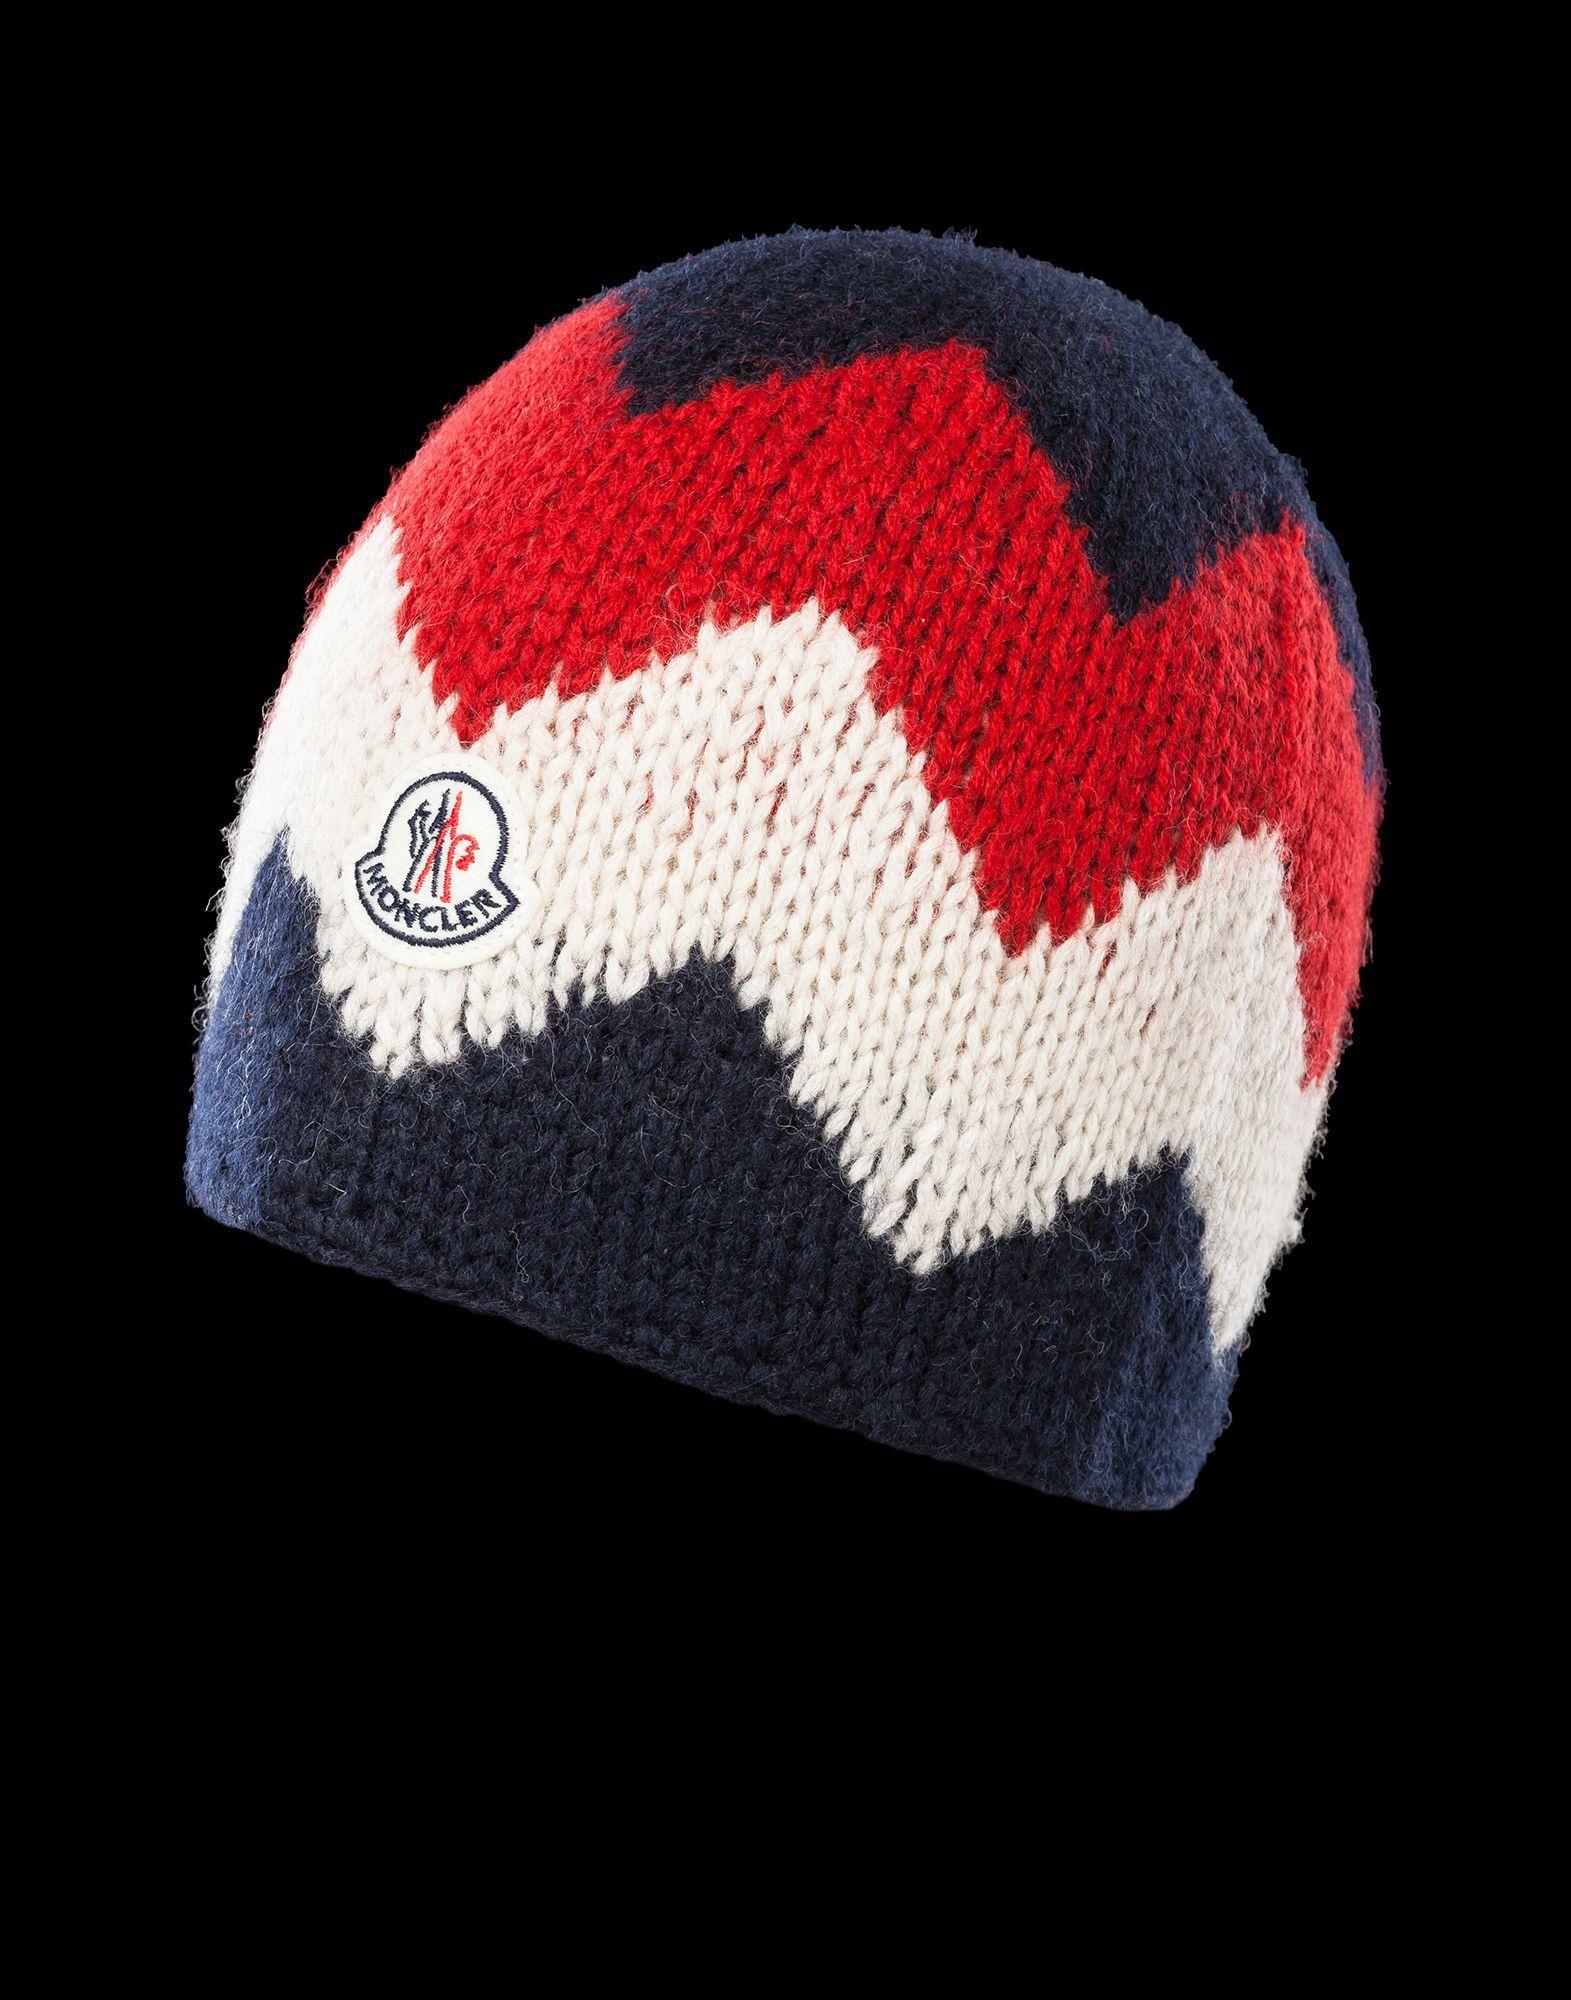 830ee9fc632e Hat Men - Accessories Men on Moncler Online Store